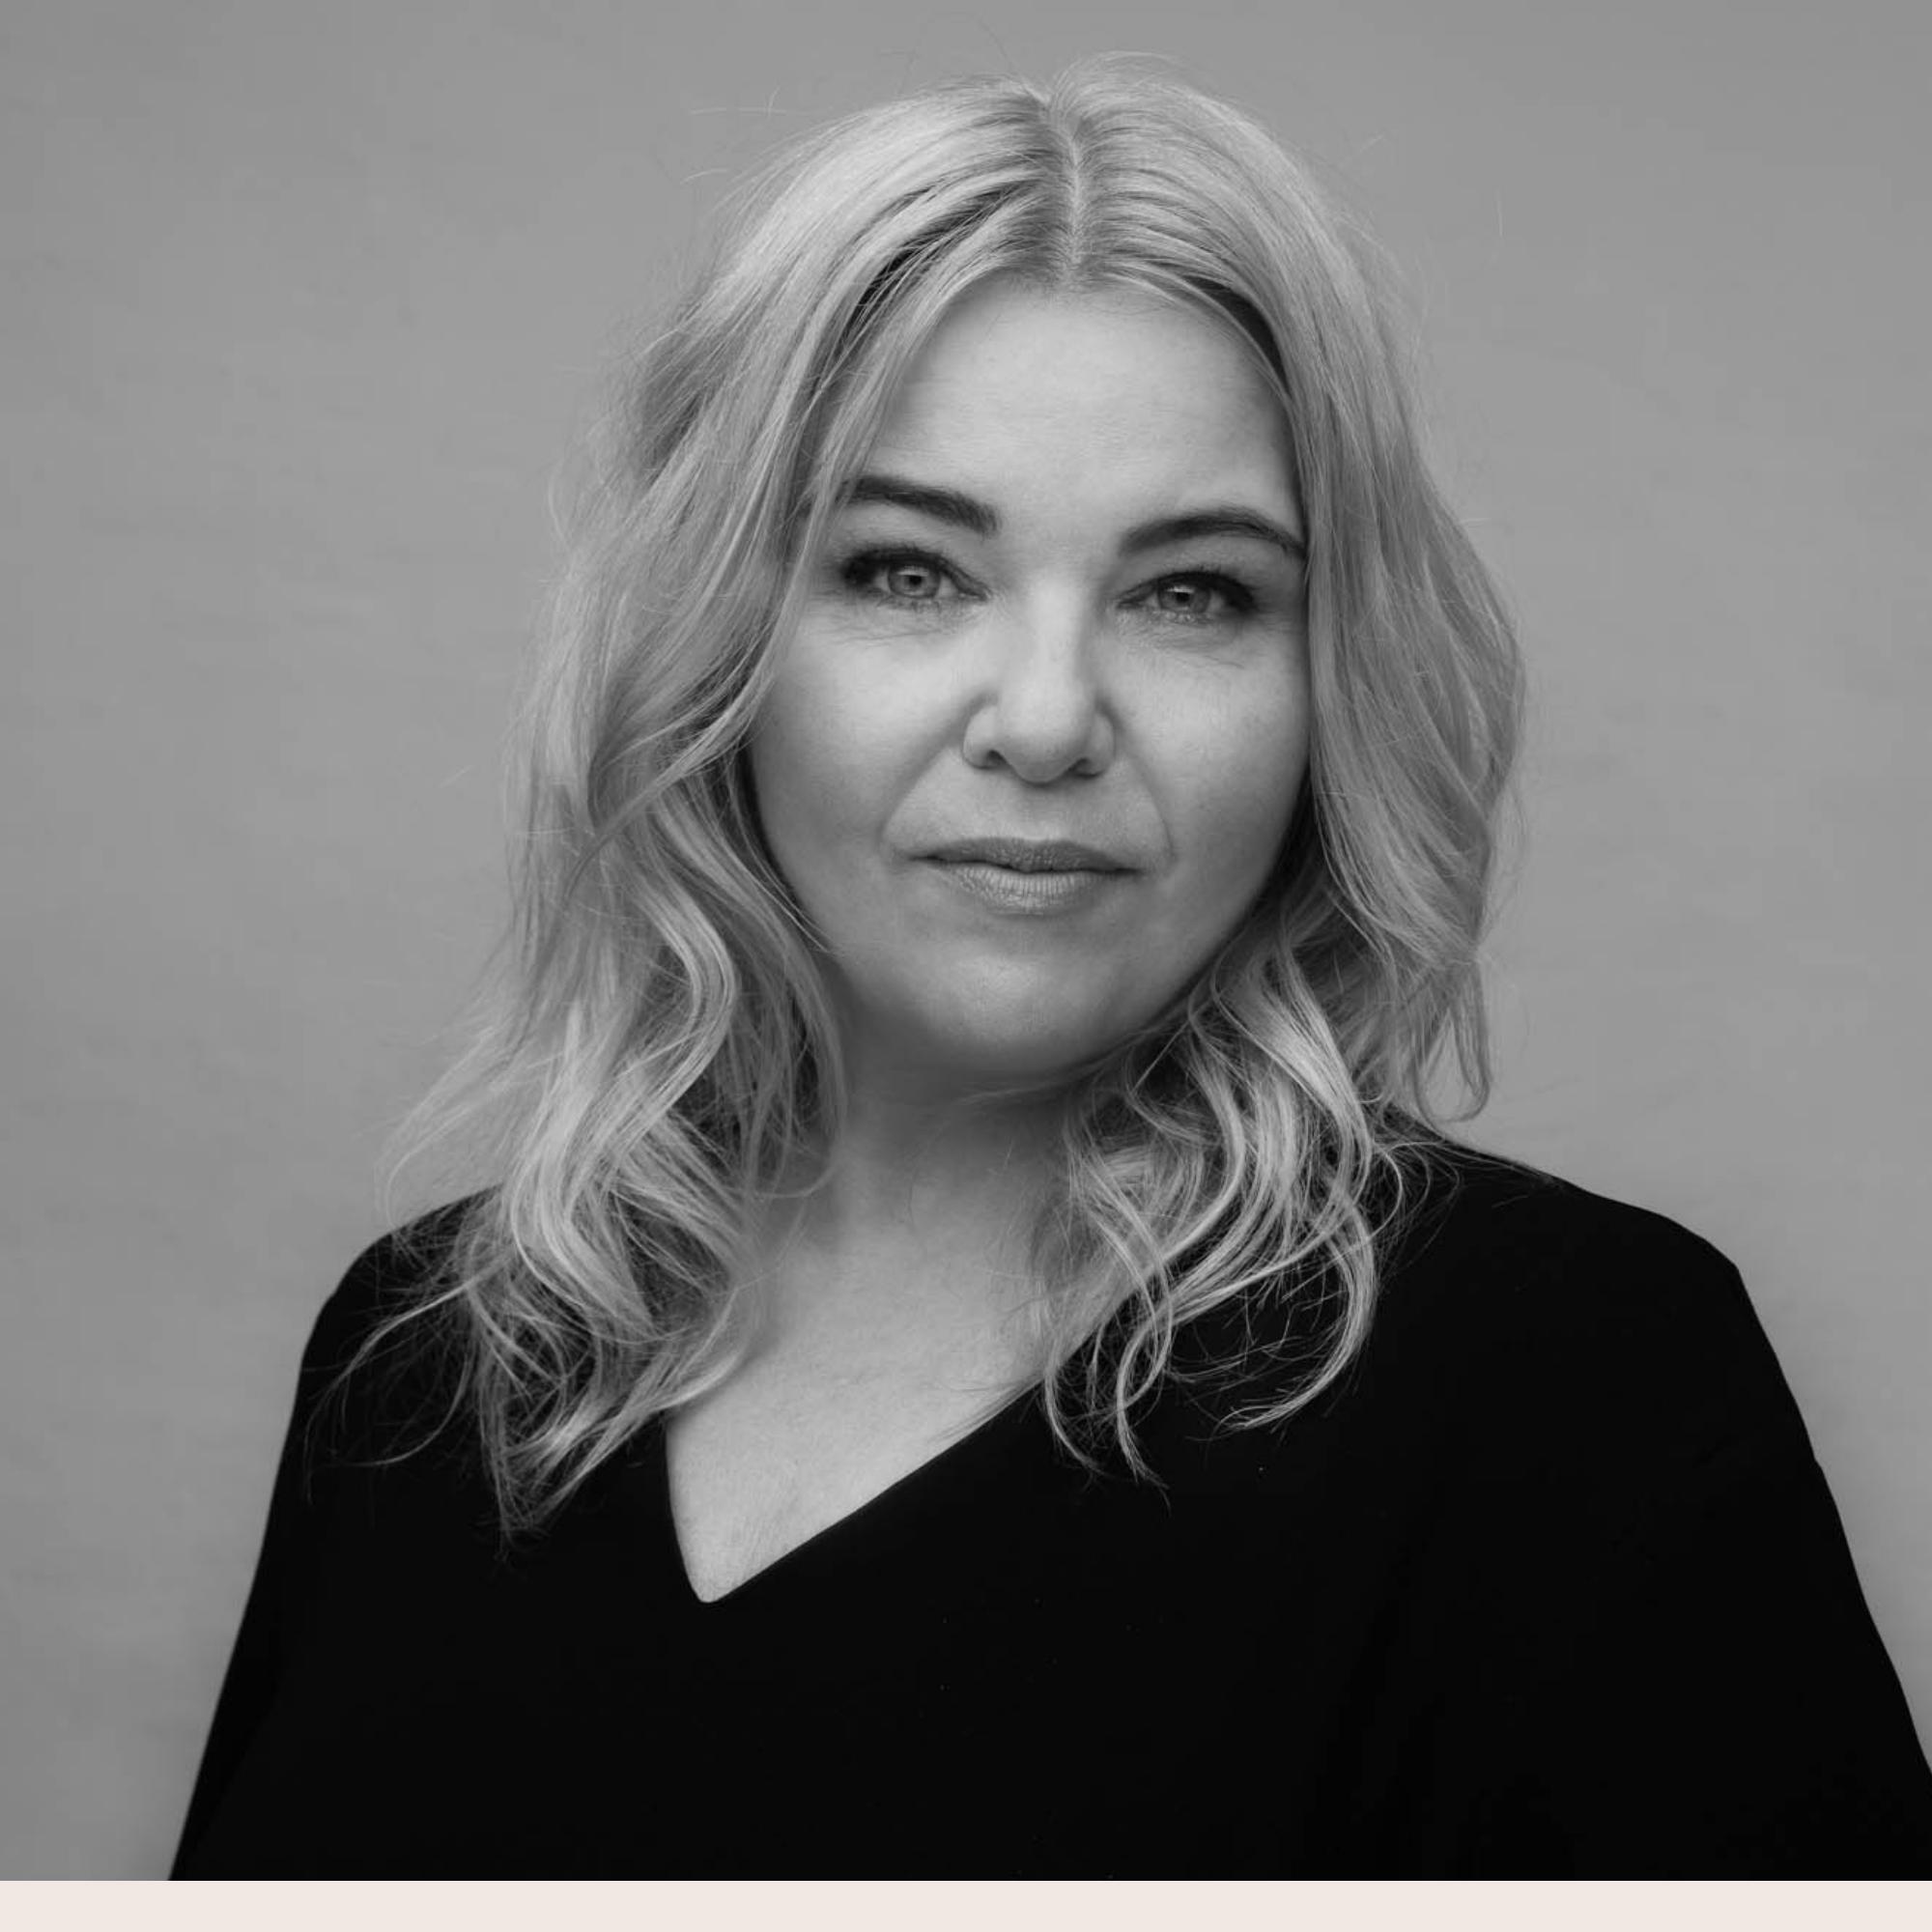 Rikke Kjelgaard - psykolog, forfatter og ekspert i ACT